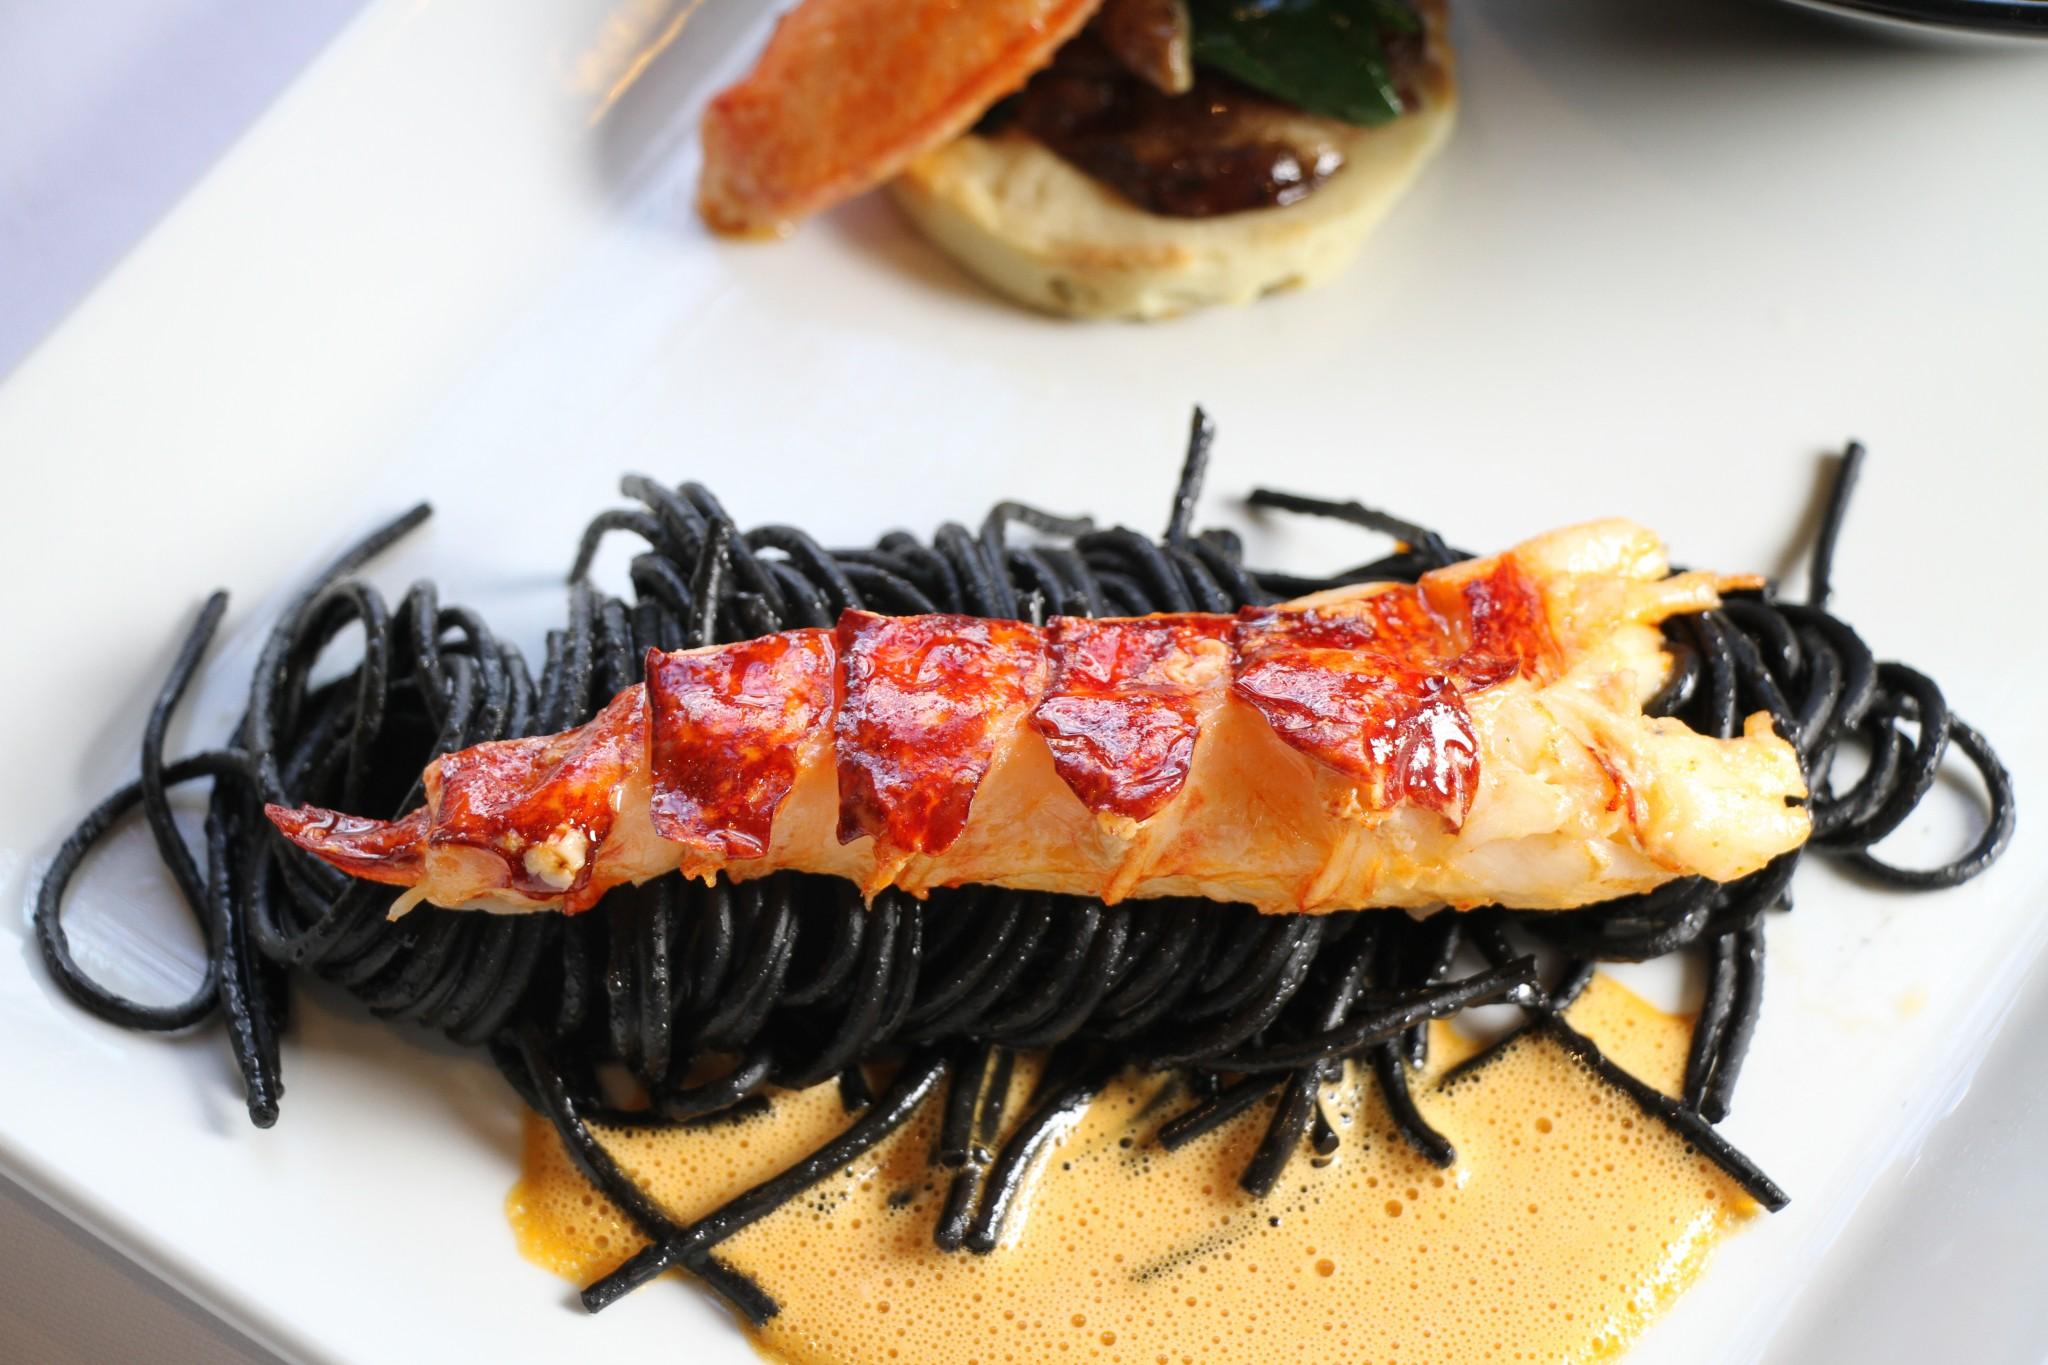 Le homard réjouissant d'Antoine Gueguen, à la Salamandre, à Angers.